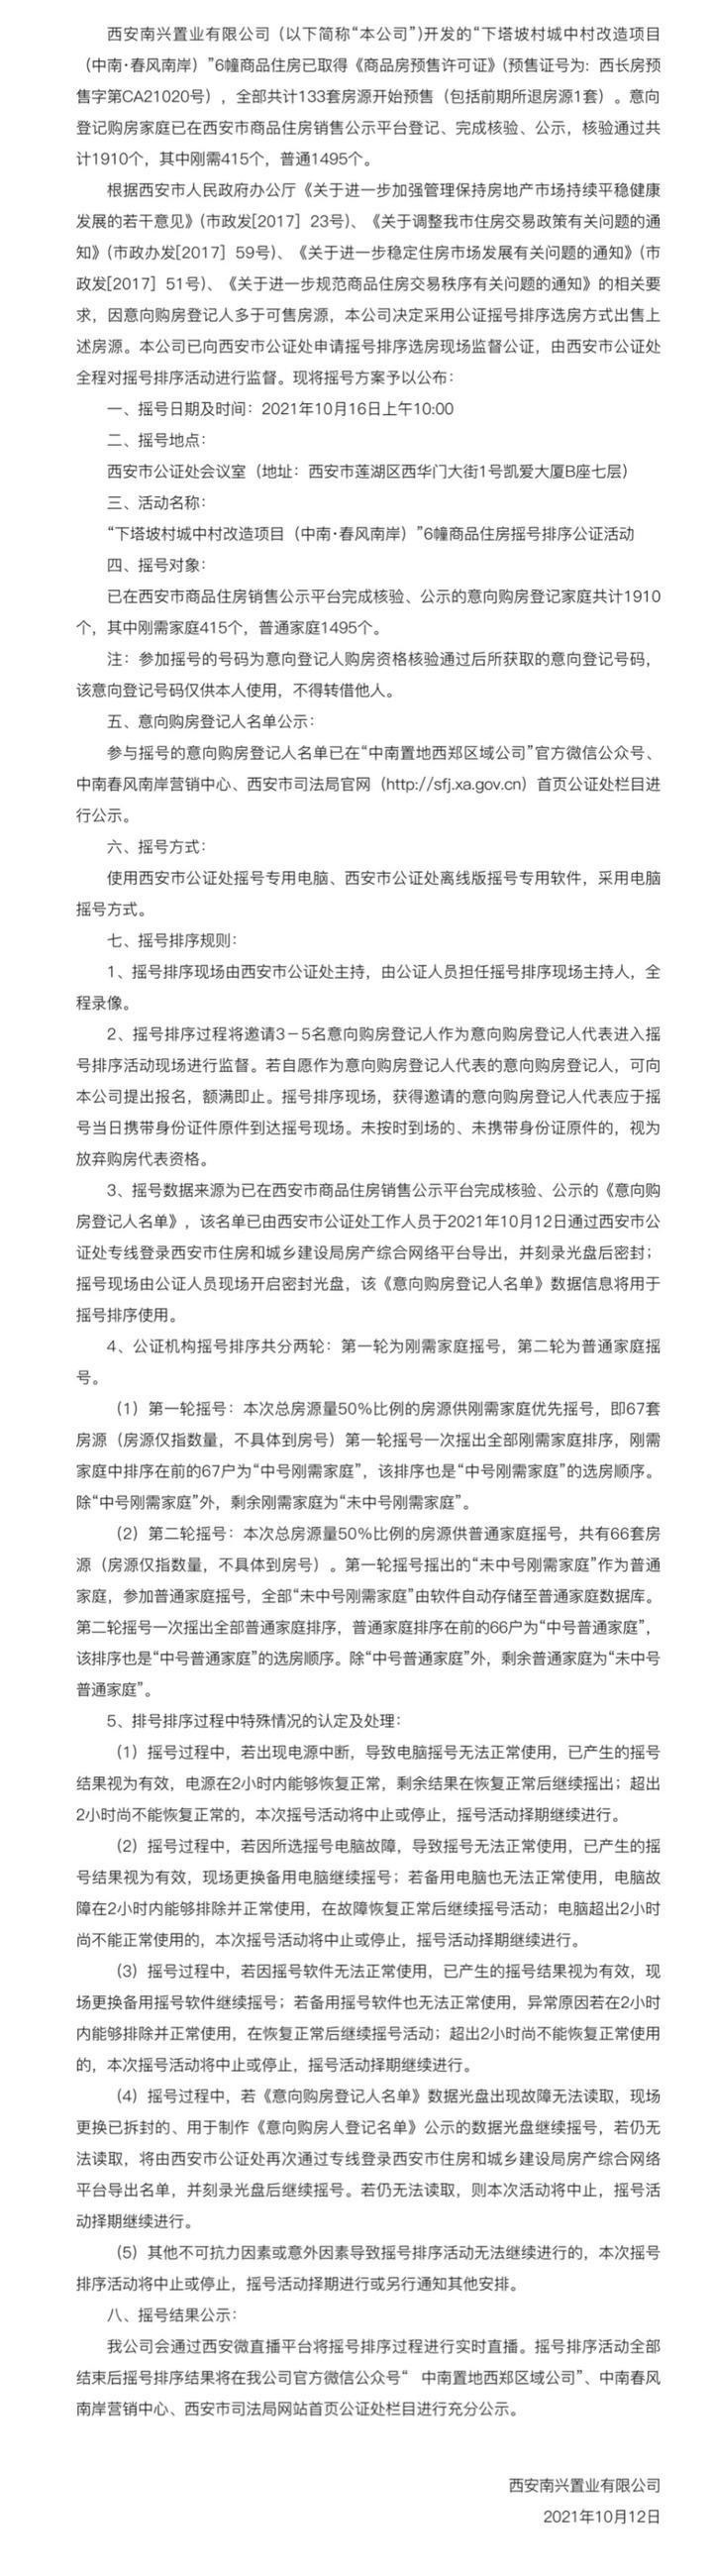 中南·春风南岸6幢商品住房摇号方案确定 10月16日上午摇号